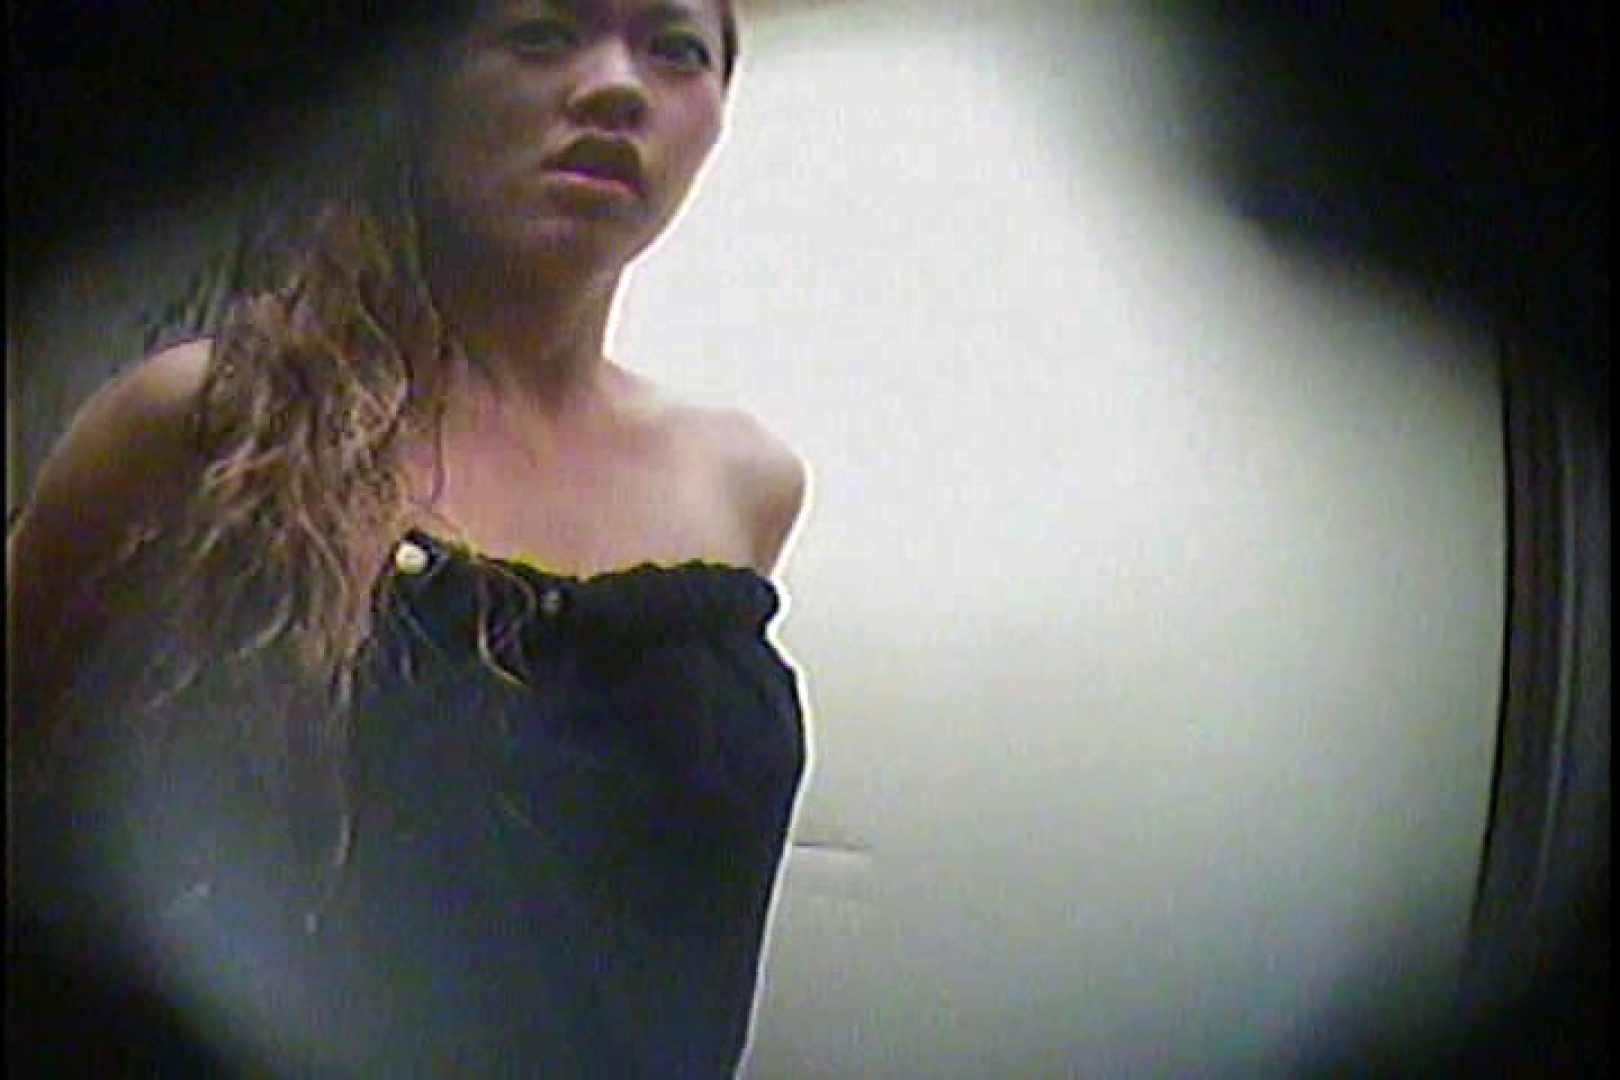 海の家の更衣室 Vol.21 美女のボディ エロ画像 99PIX 71